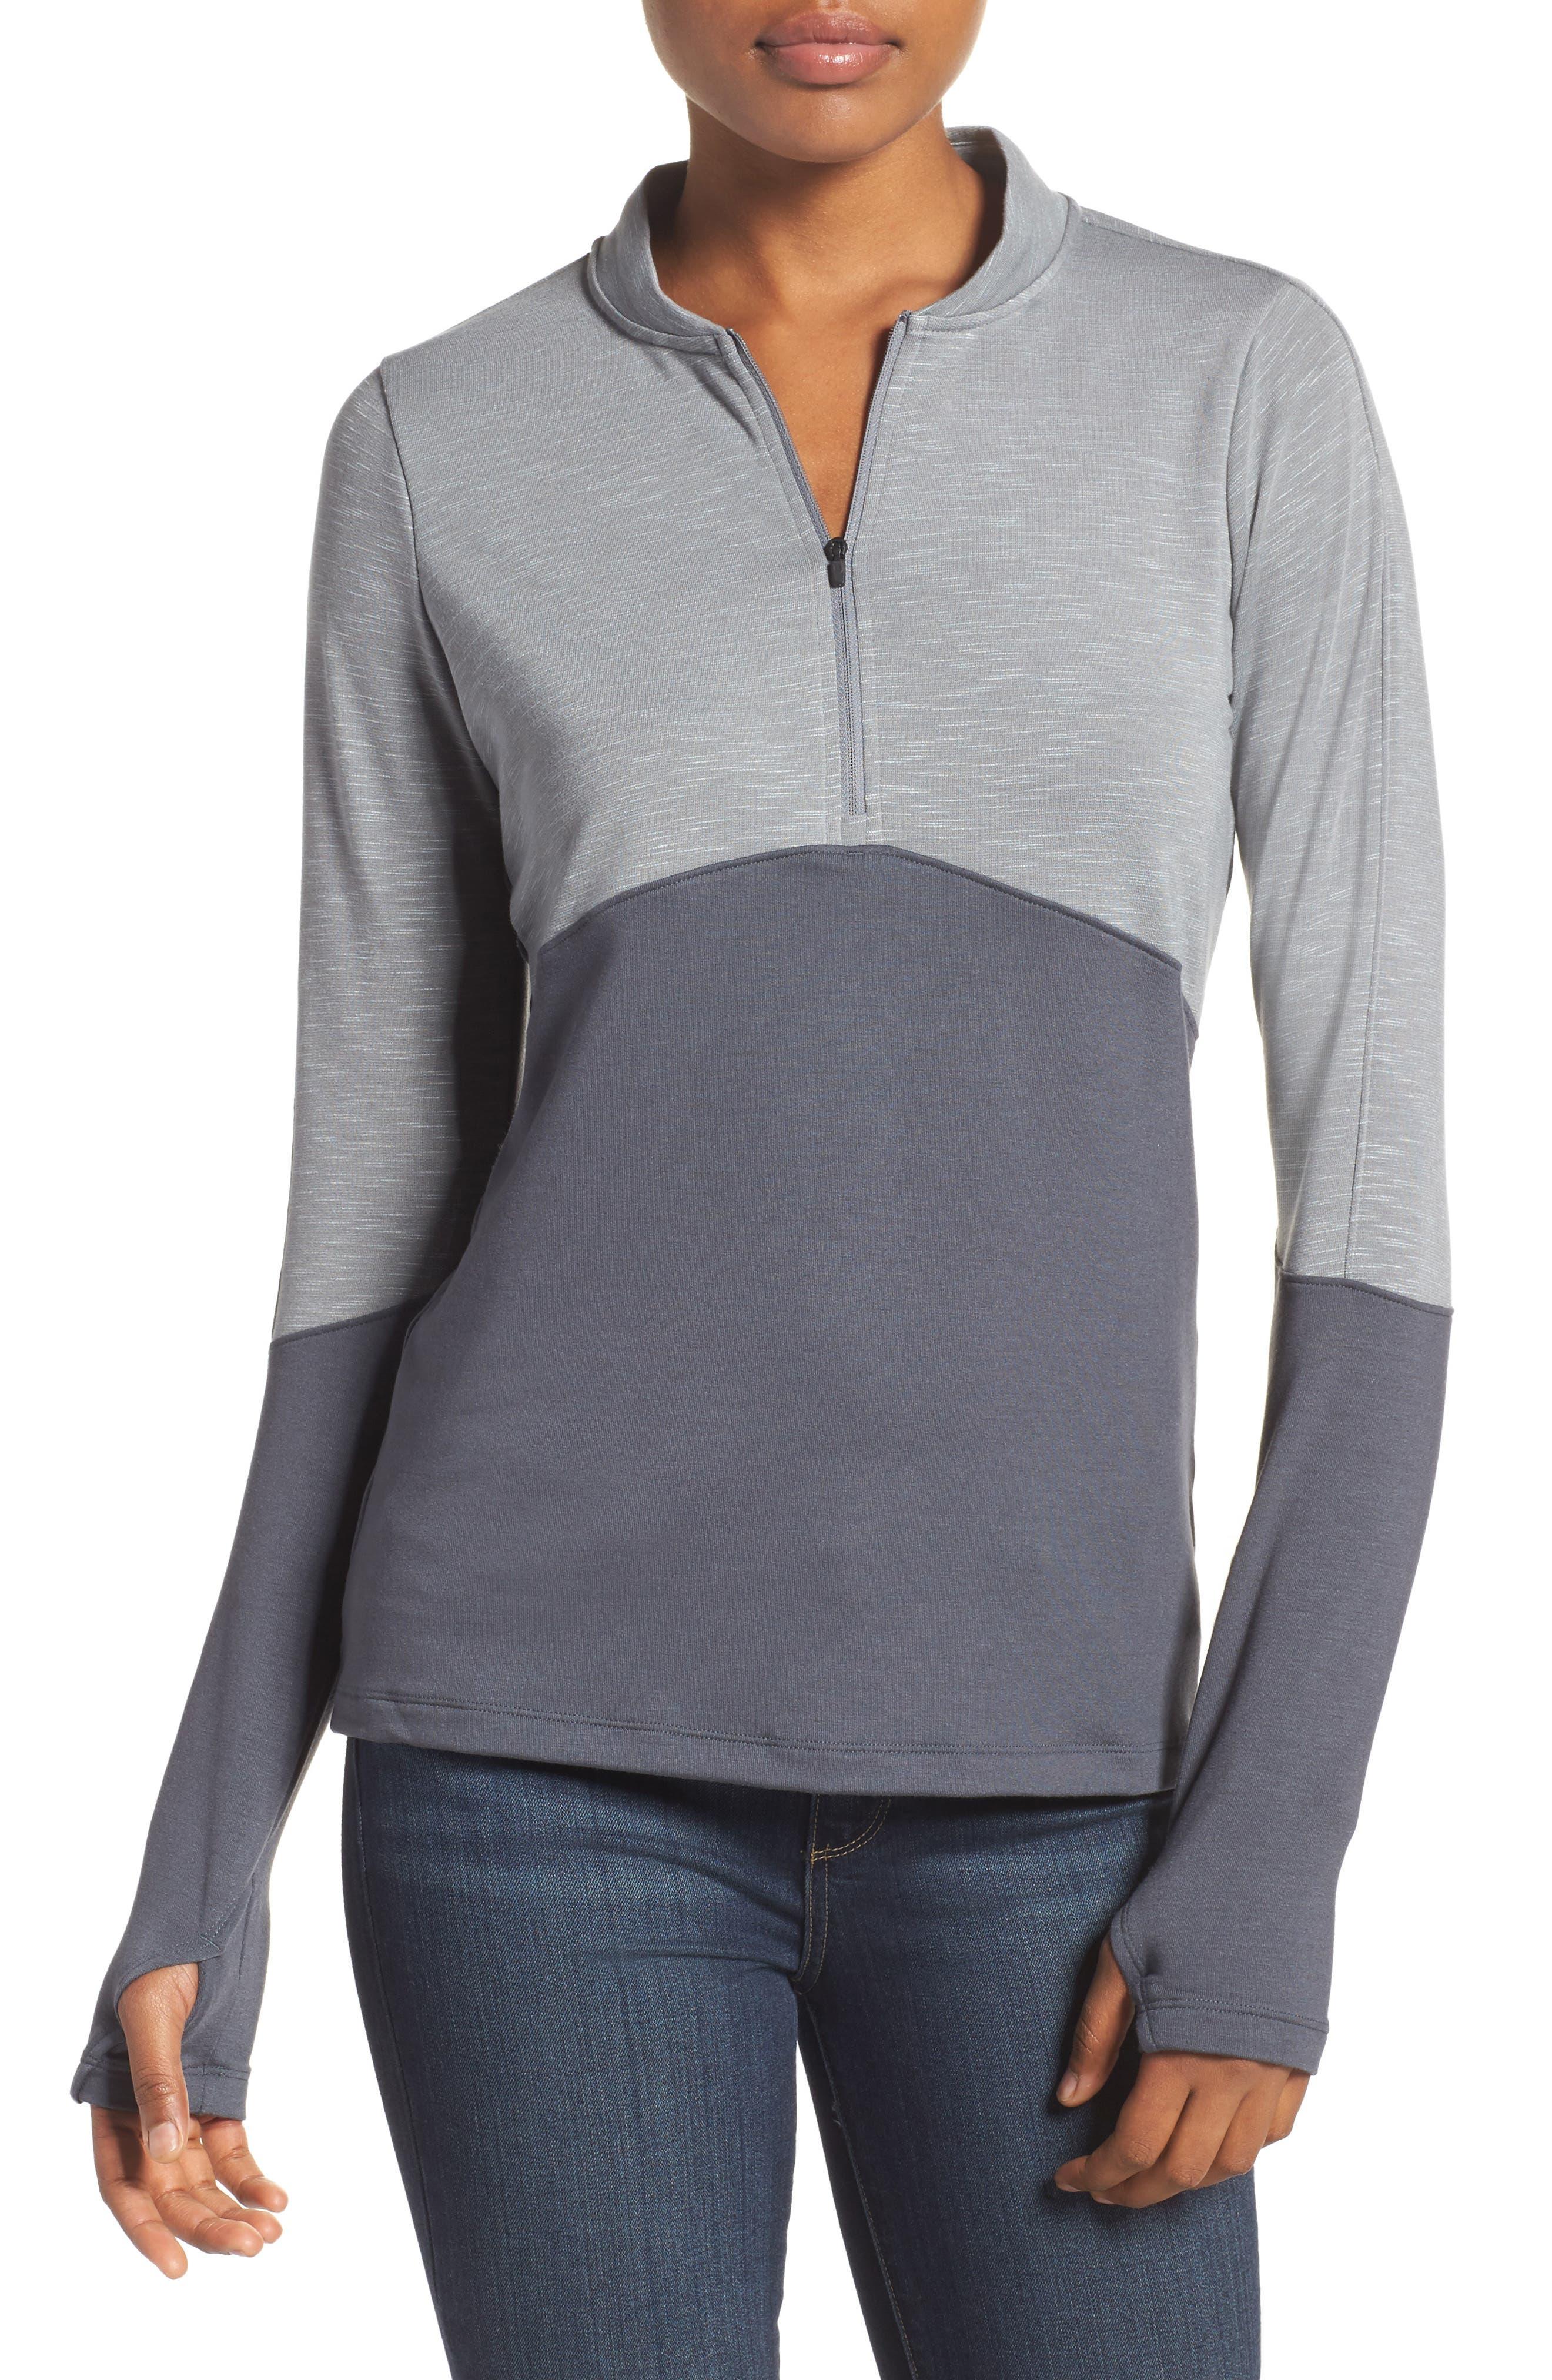 Threadborne Pullover,                         Main,                         color, Overcast Grey/ Lead/ Lead